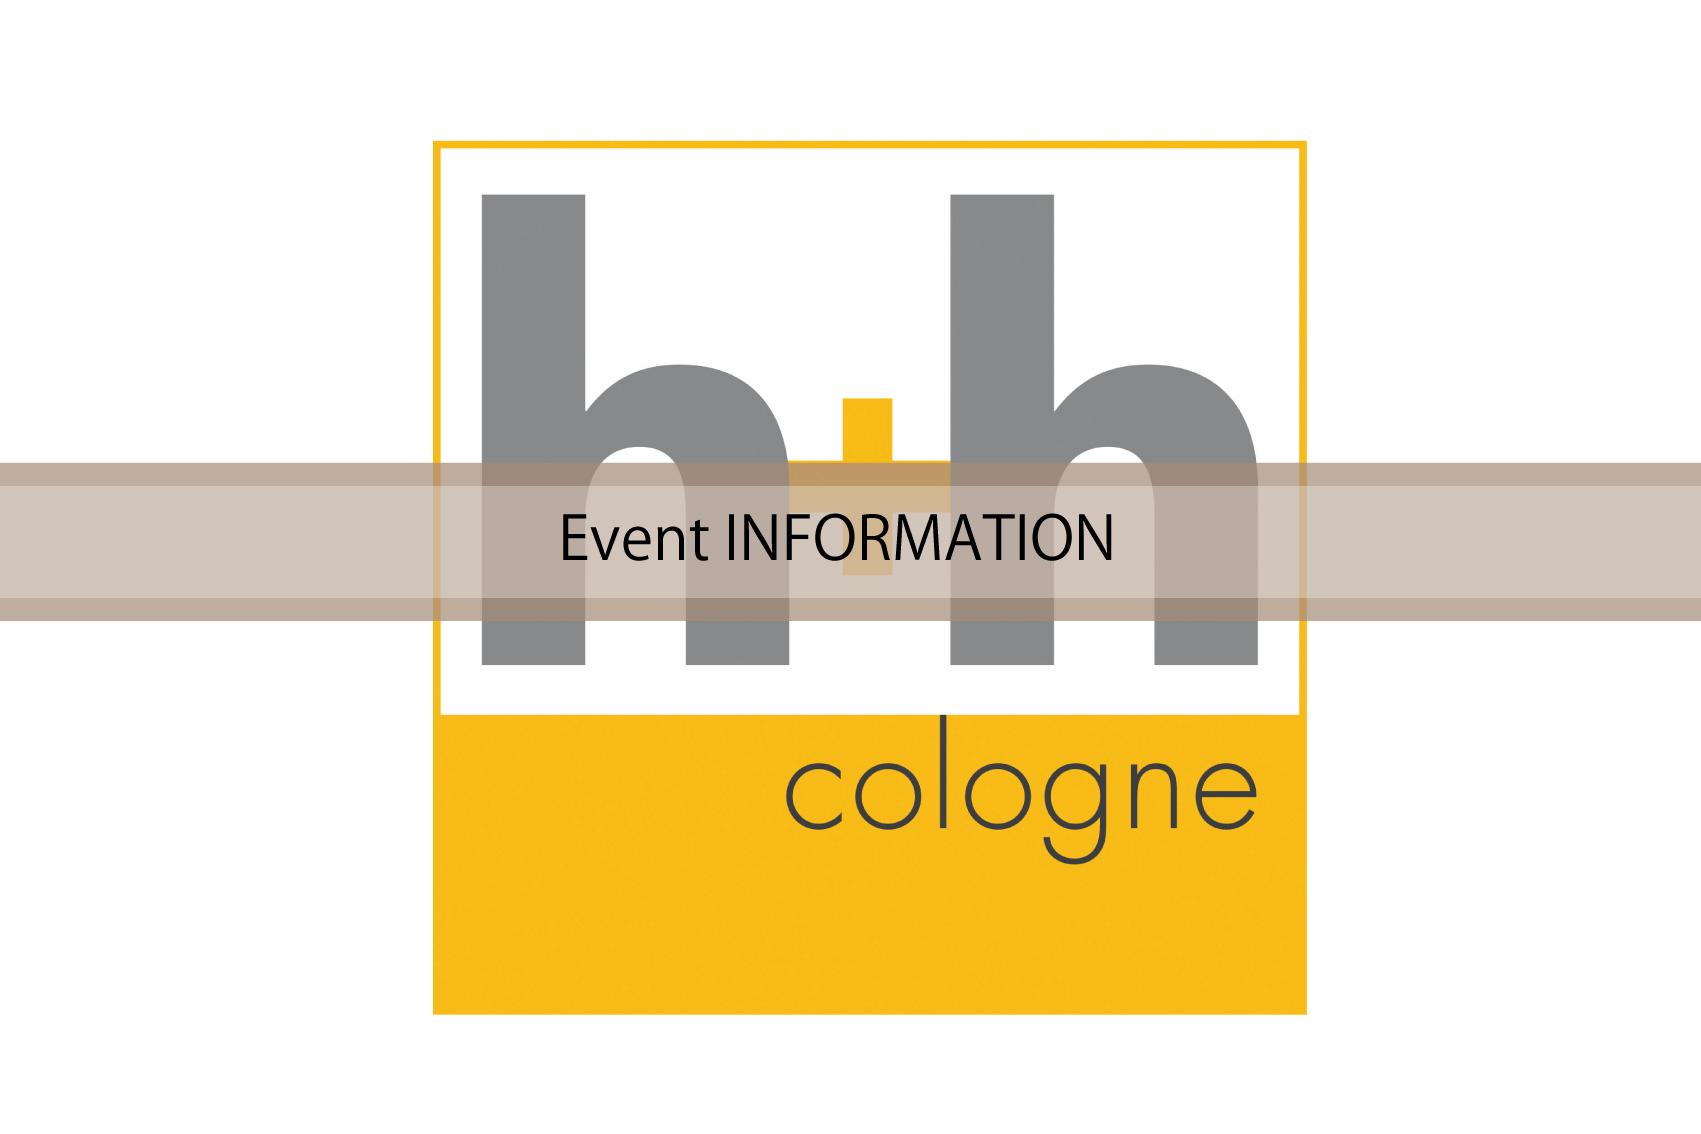 オルガン針株式会社が運営するミシンユーザーのための情報発信型通販サイトArt Stitch Room Powered by ORGAN NEEDLE CO.,LTD.(アートステッチルーム)|【イベント】h+h Cologneに出展します!